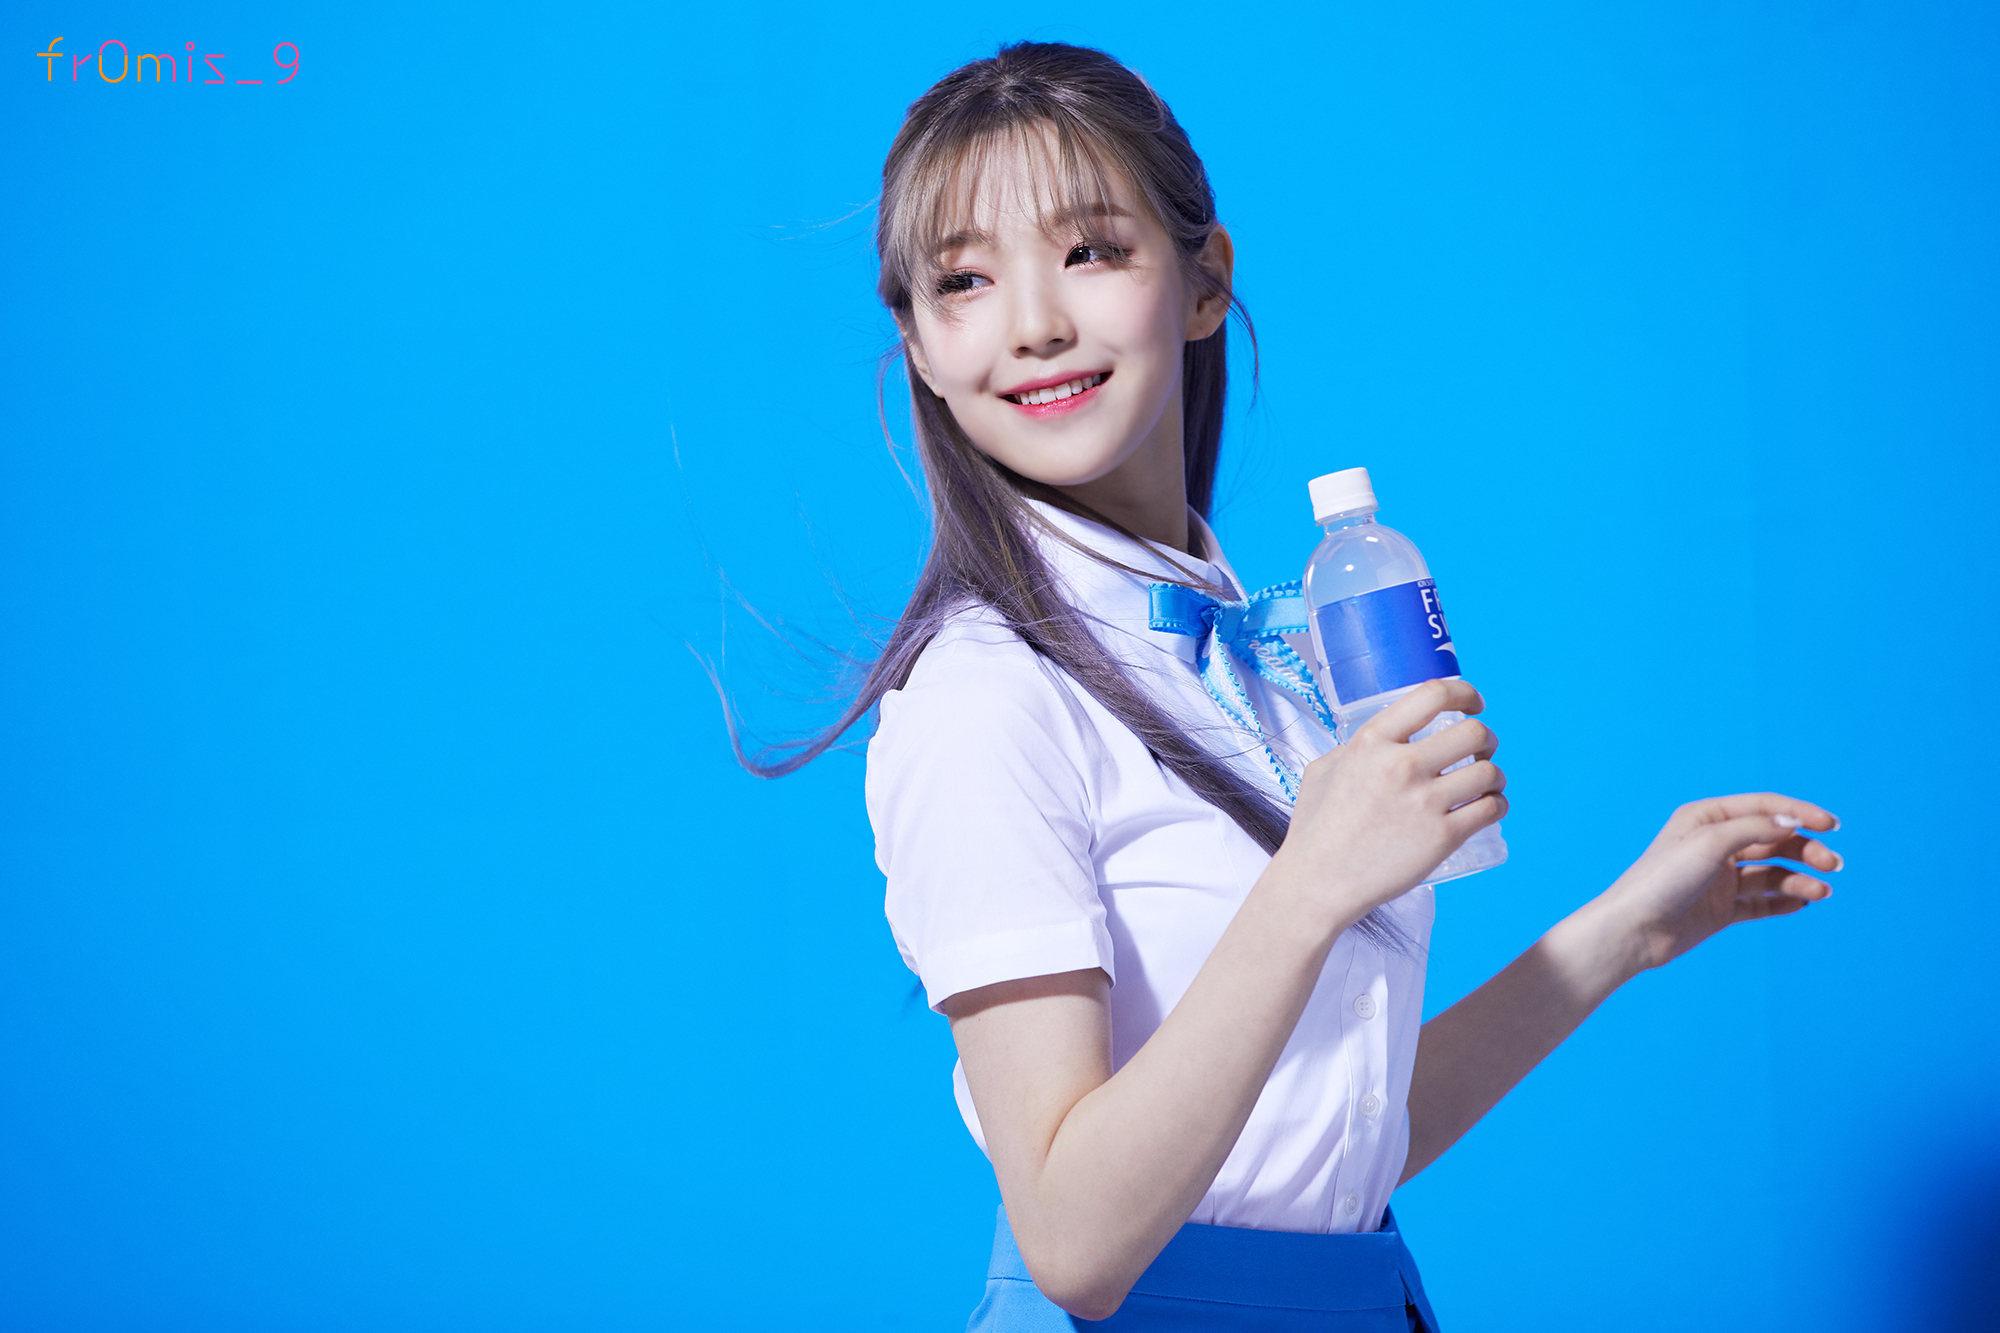 fromis_9 Jiheon Fun